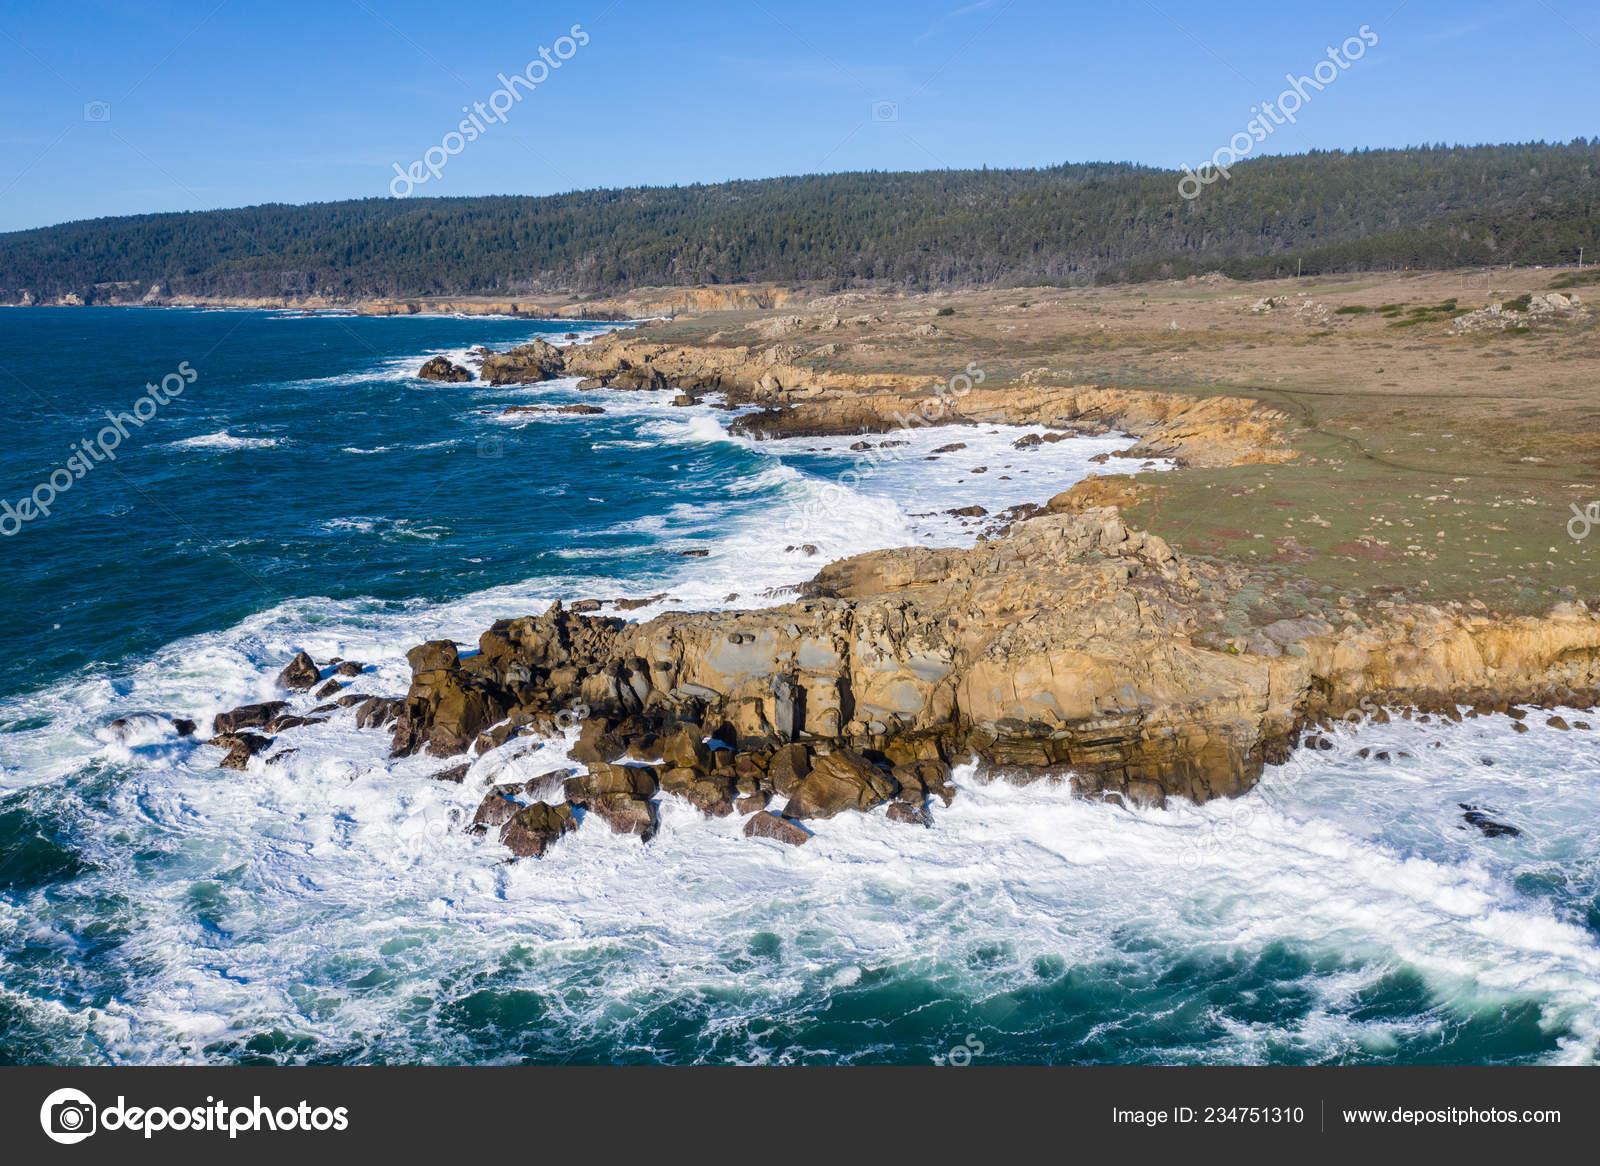 Cold Waters Pacific Ocean Crash Rocky Northern California Coastline